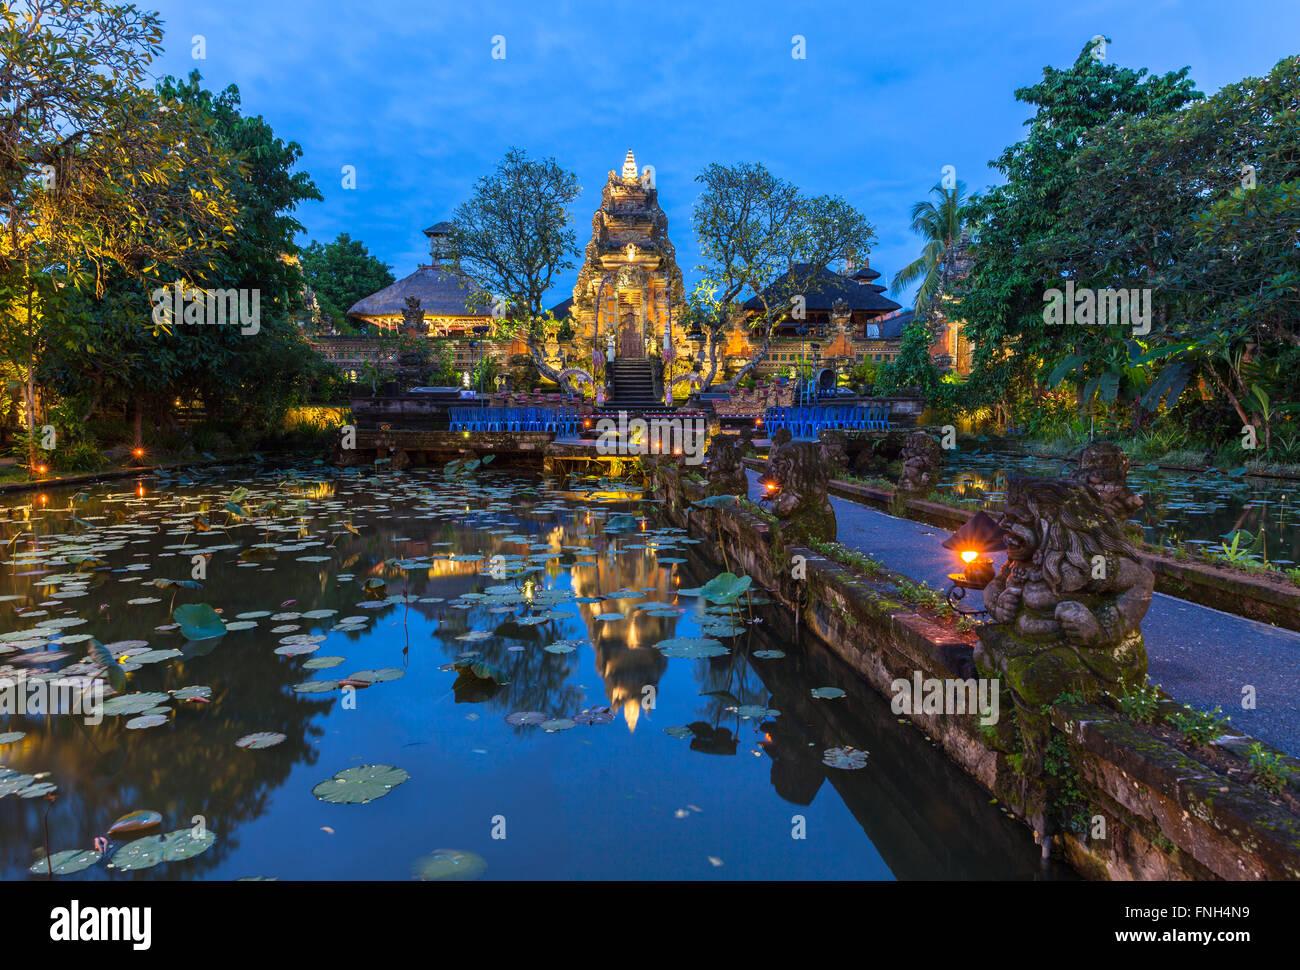 Temple Pura Saraswati avec bel étang de lotus au crépuscule avant le spectacle de danse, Ubud, Bali, Indonésie Photo Stock